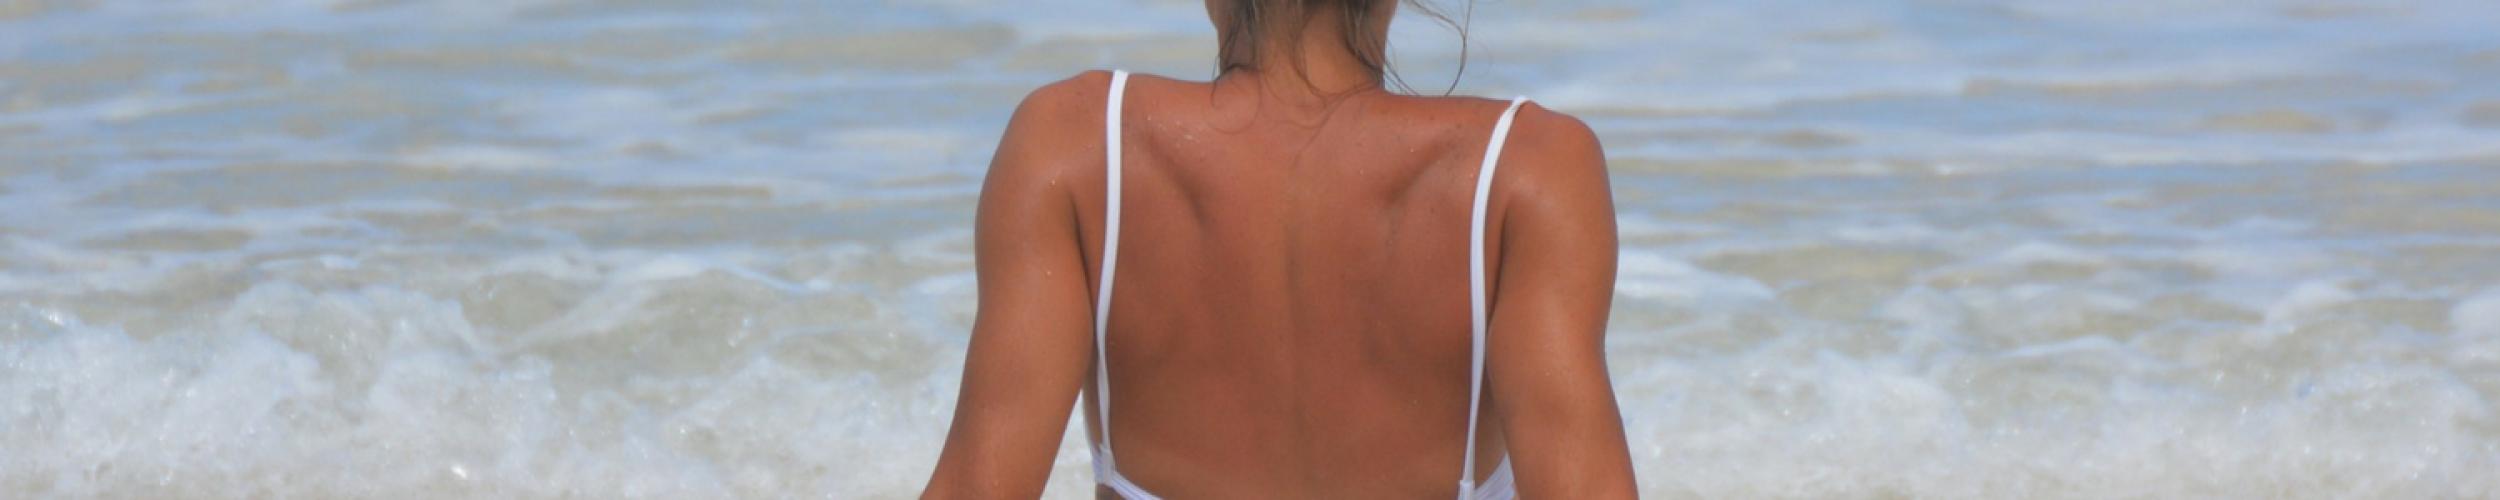 De laatste stap voor een stralende en gezonde huid: beschermen!